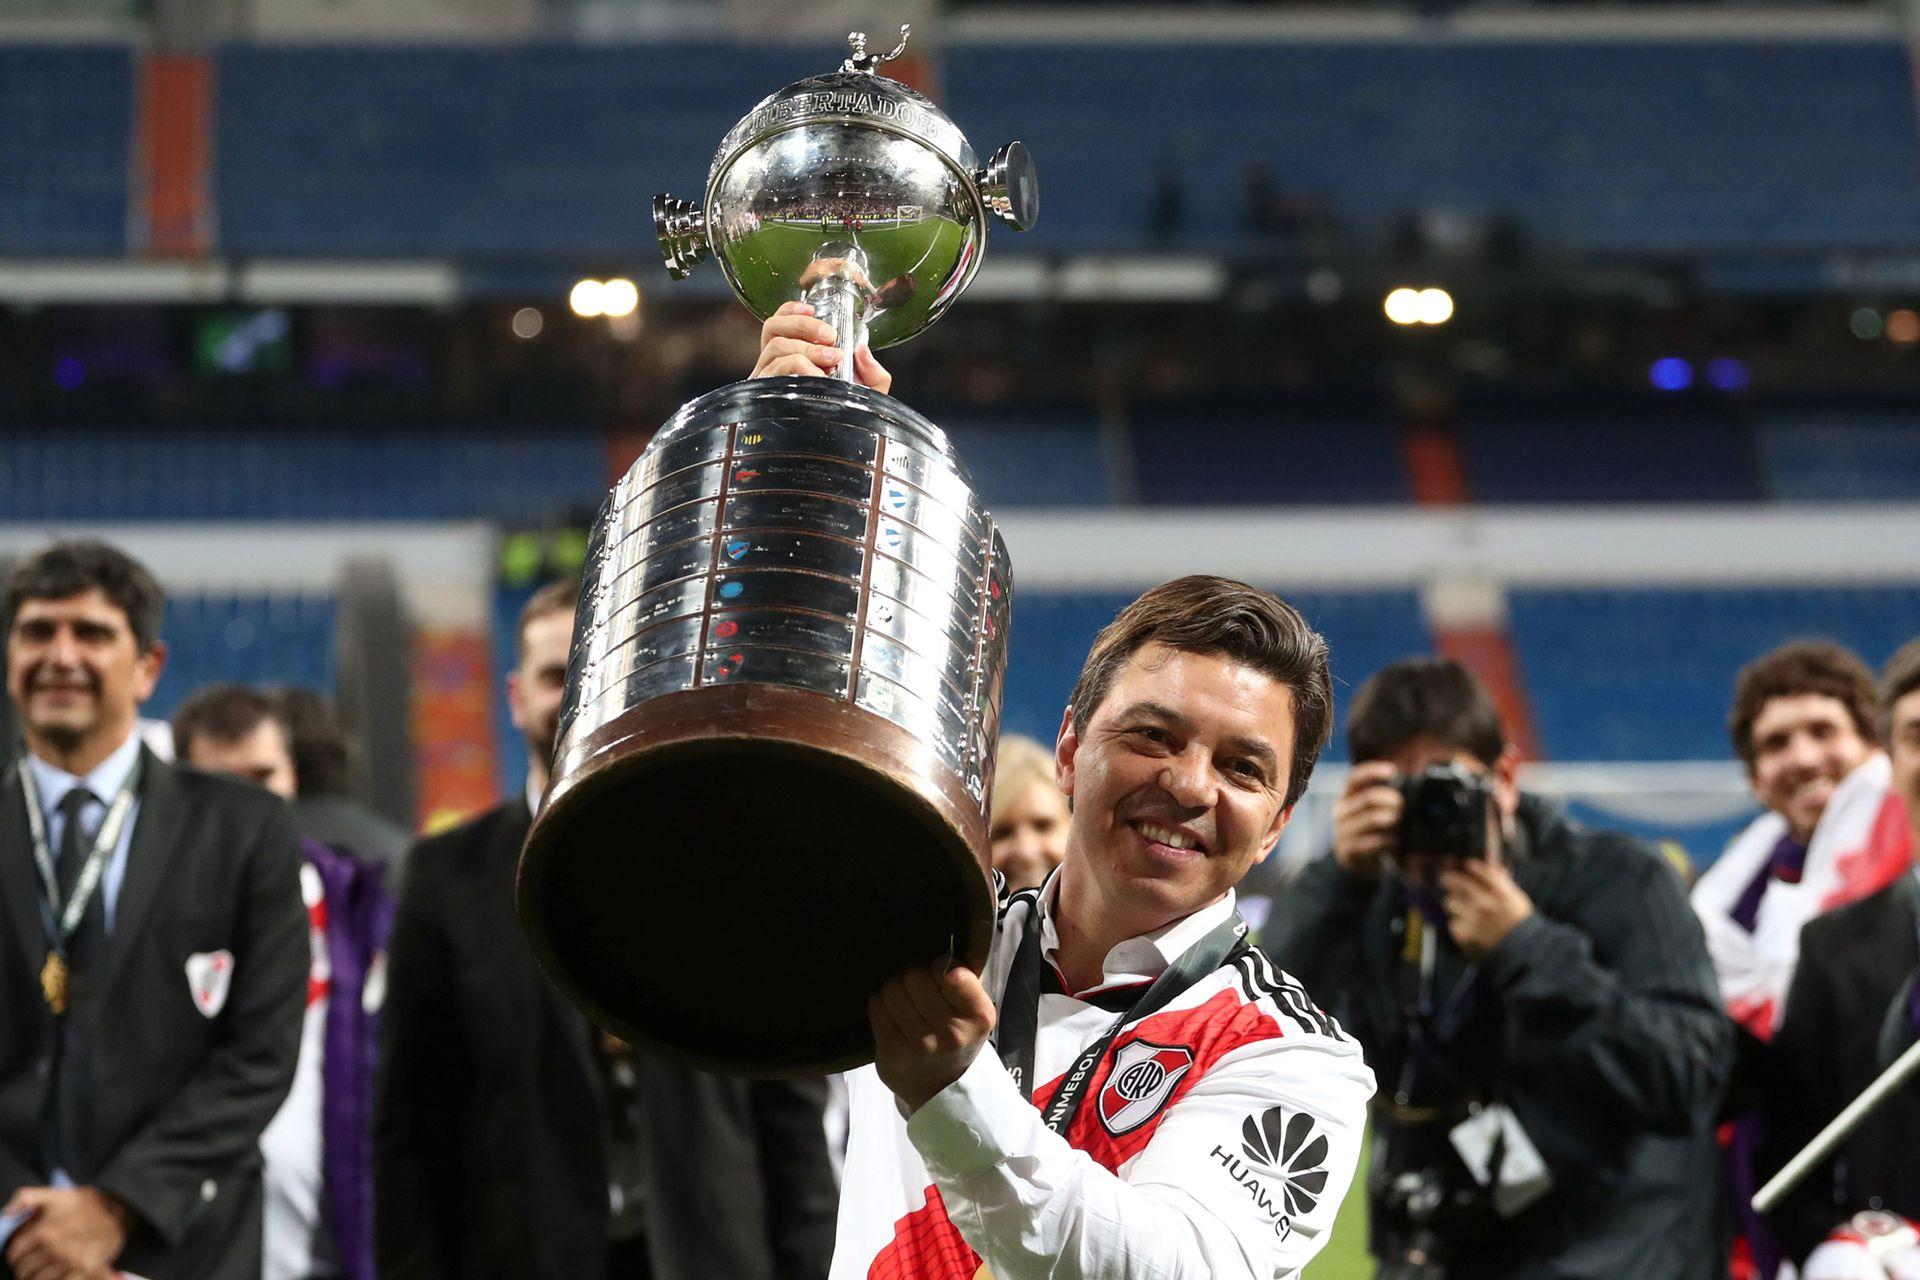 El entrenador de River Plate Marcelo Gallardo levanta el trofeo con los jugadores después de ganar la final de la Copa Libertadores